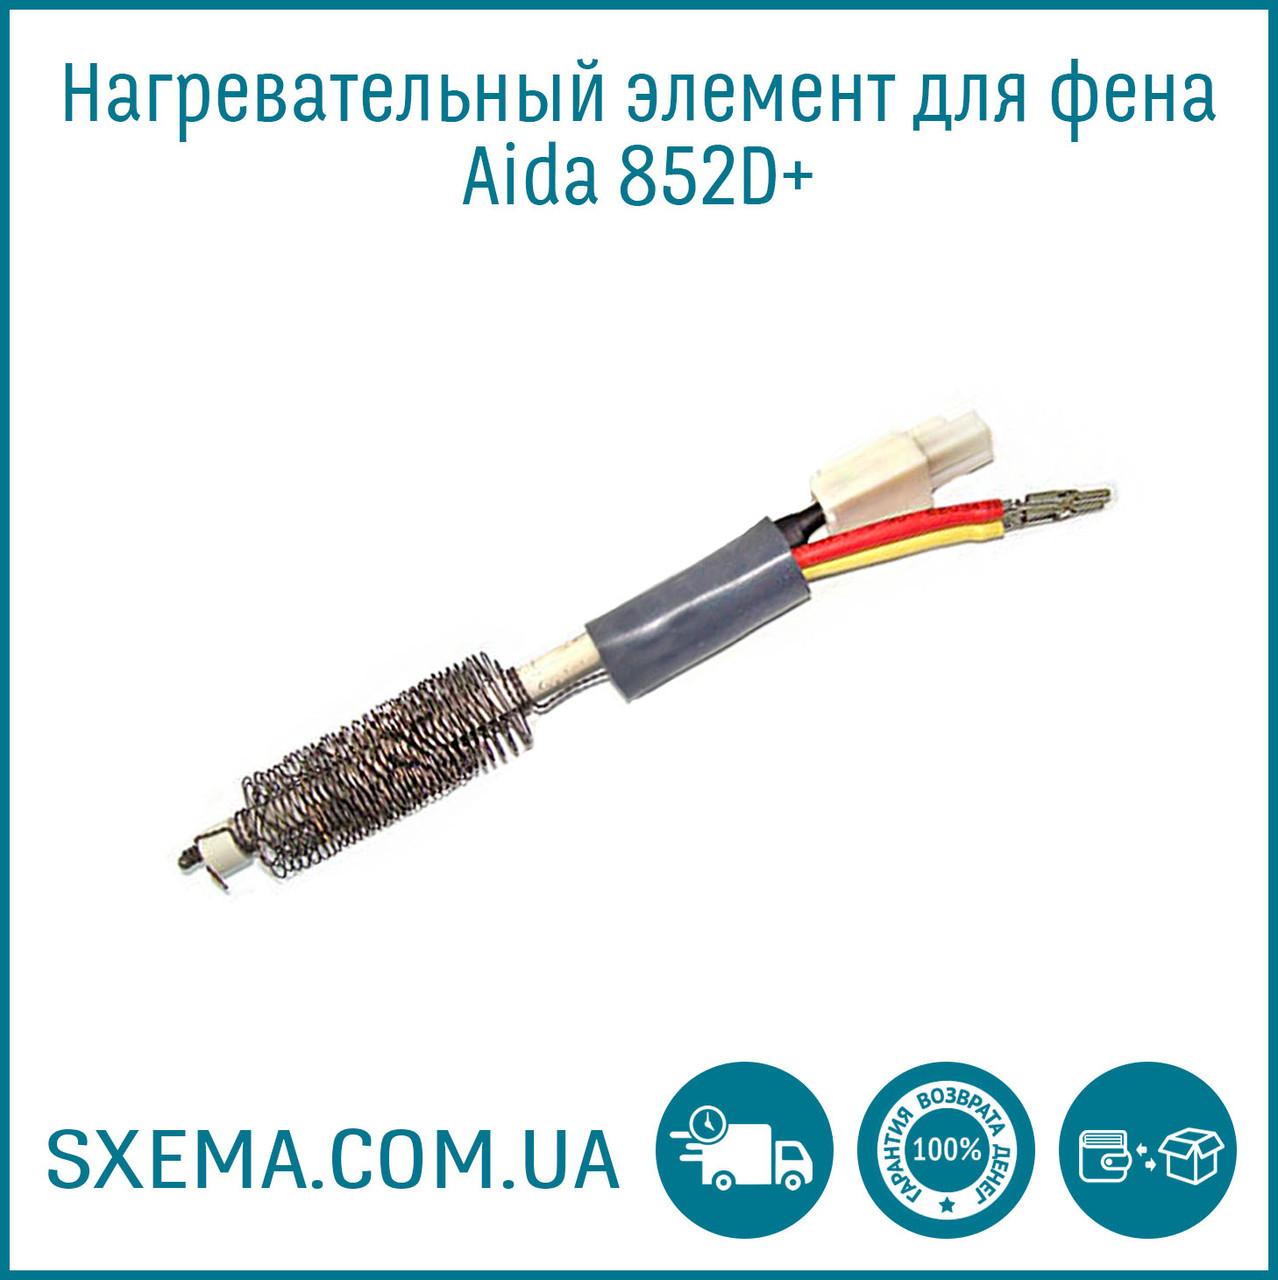 Нагревательный элемент для фена AIDA 852D+